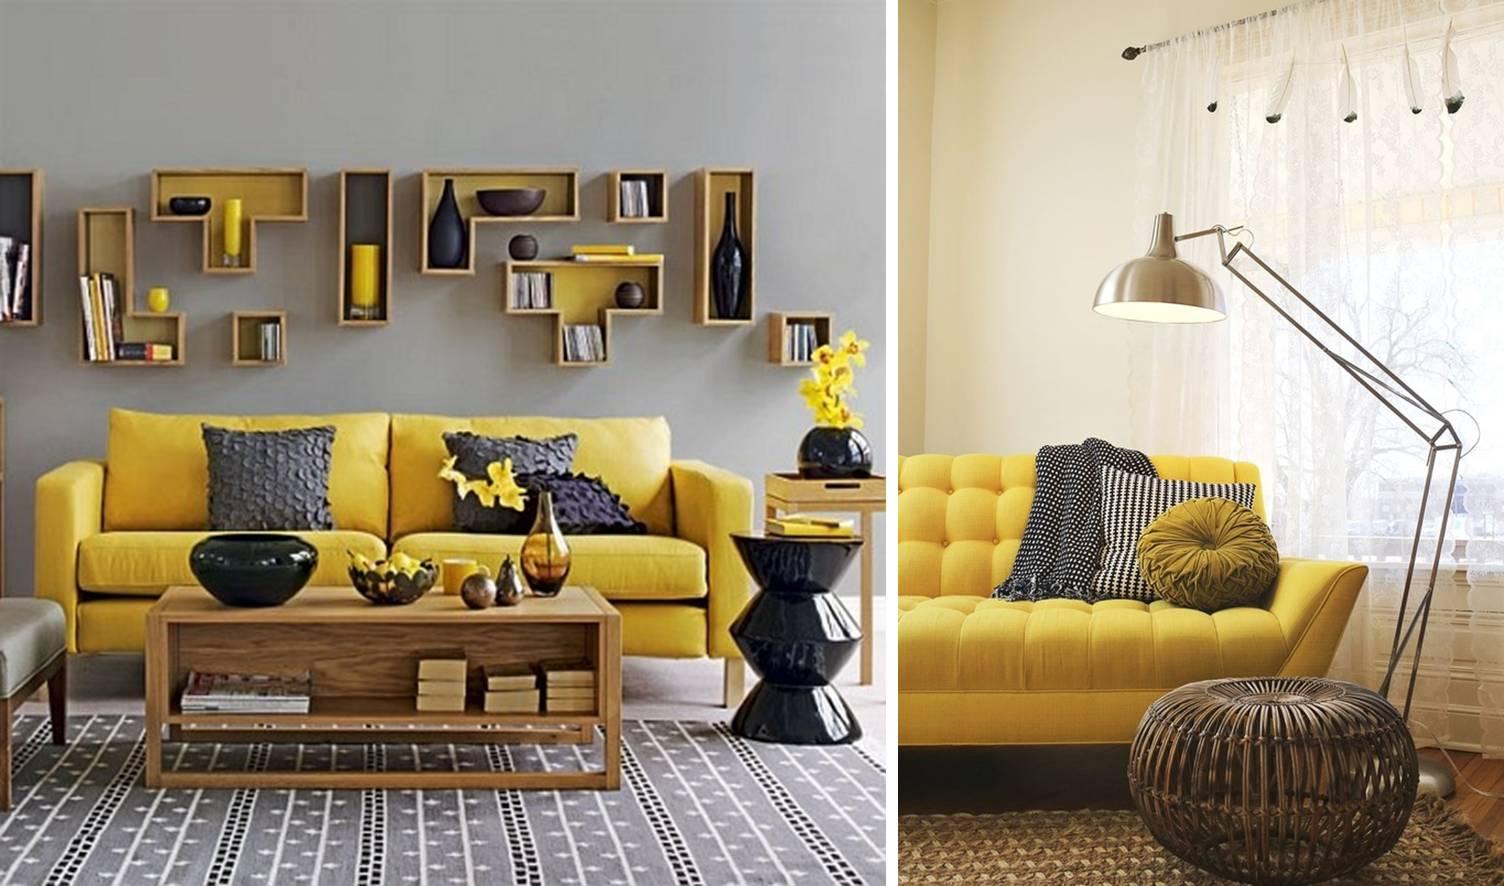 Pareti giallo senape gp58 regardsdefemmes for Abbinamento colori arredamento